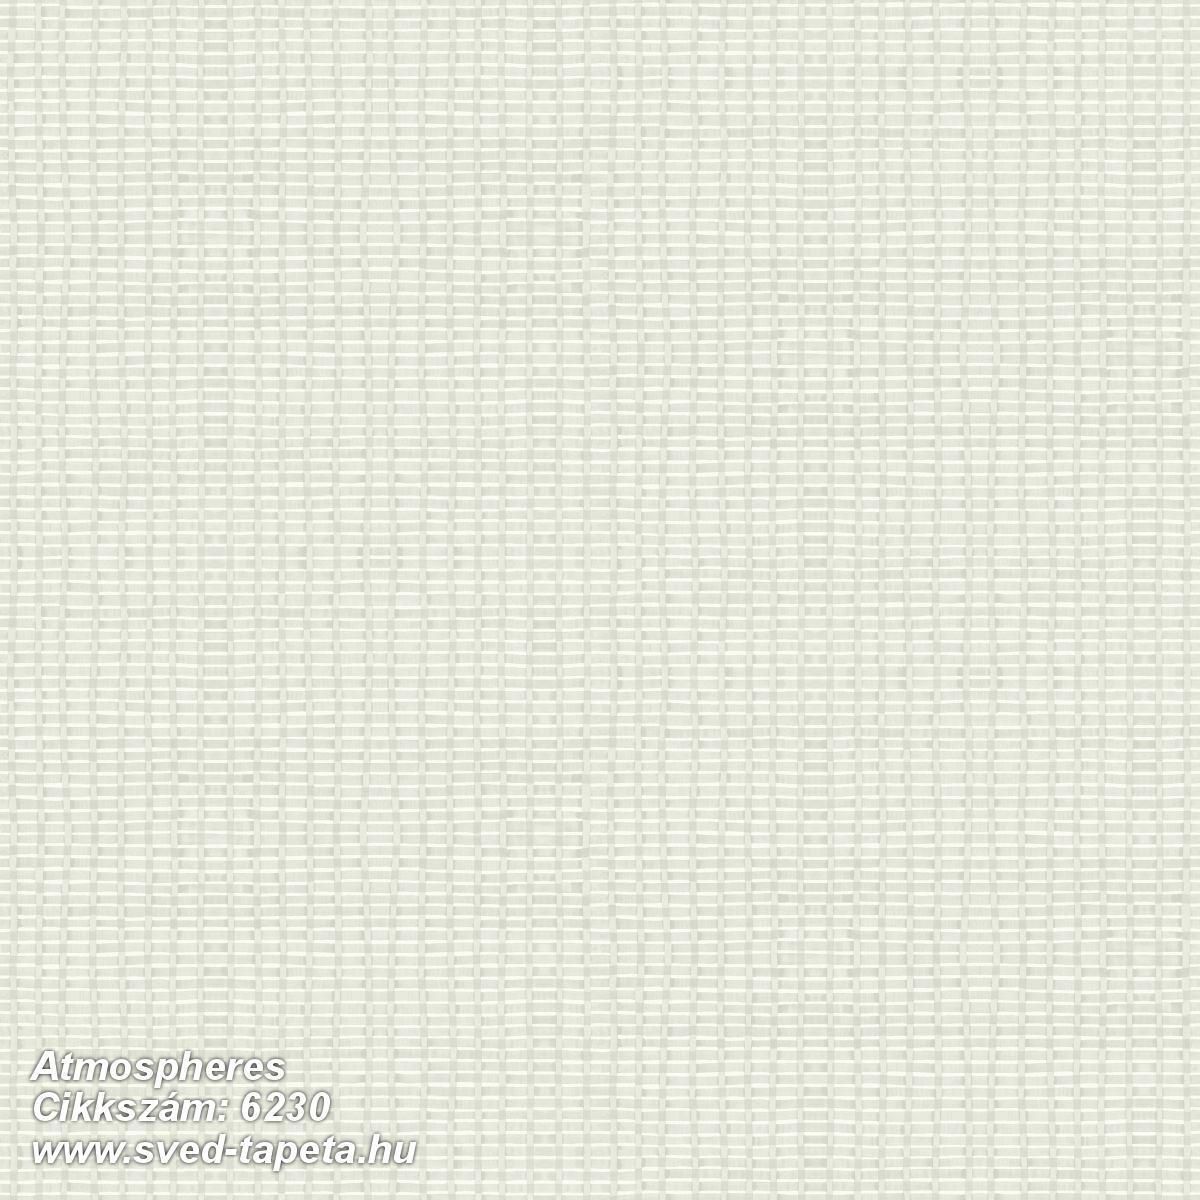 Atmospheres 6230 cikkszámú svéd ECOgyártmányú designtapéta